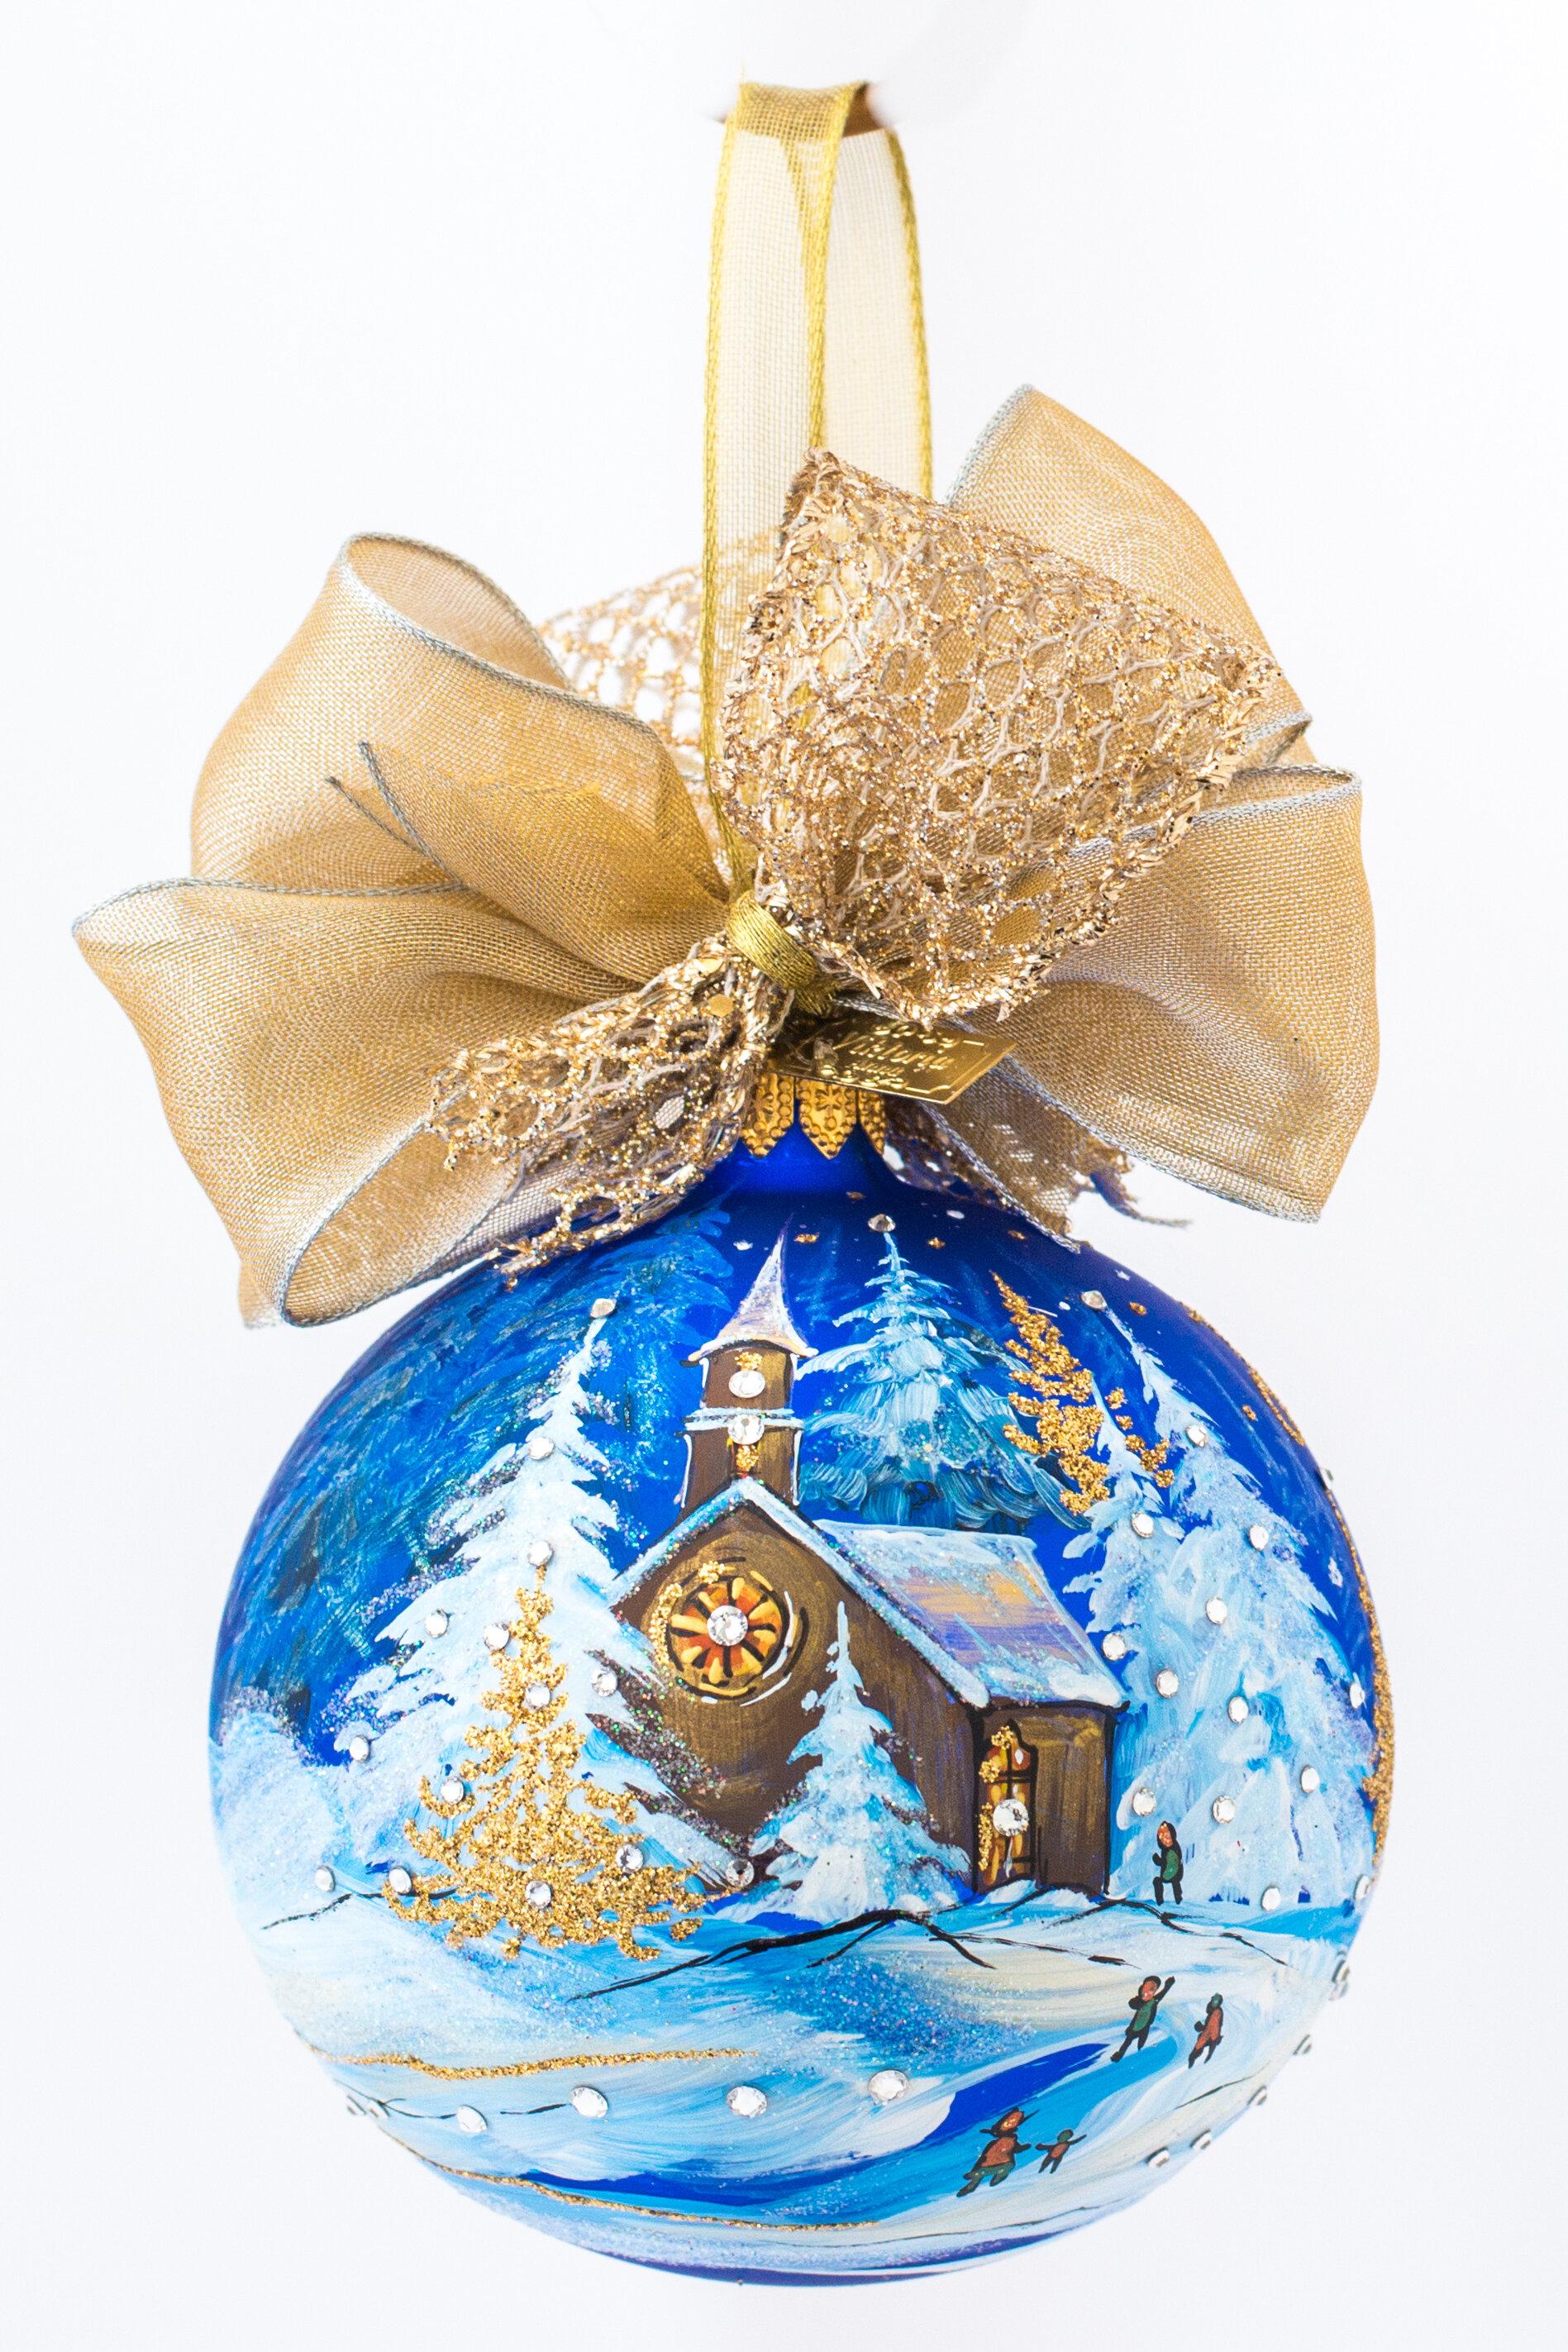 The Holiday Aisle Winter Church Ball Ornament Wayfair